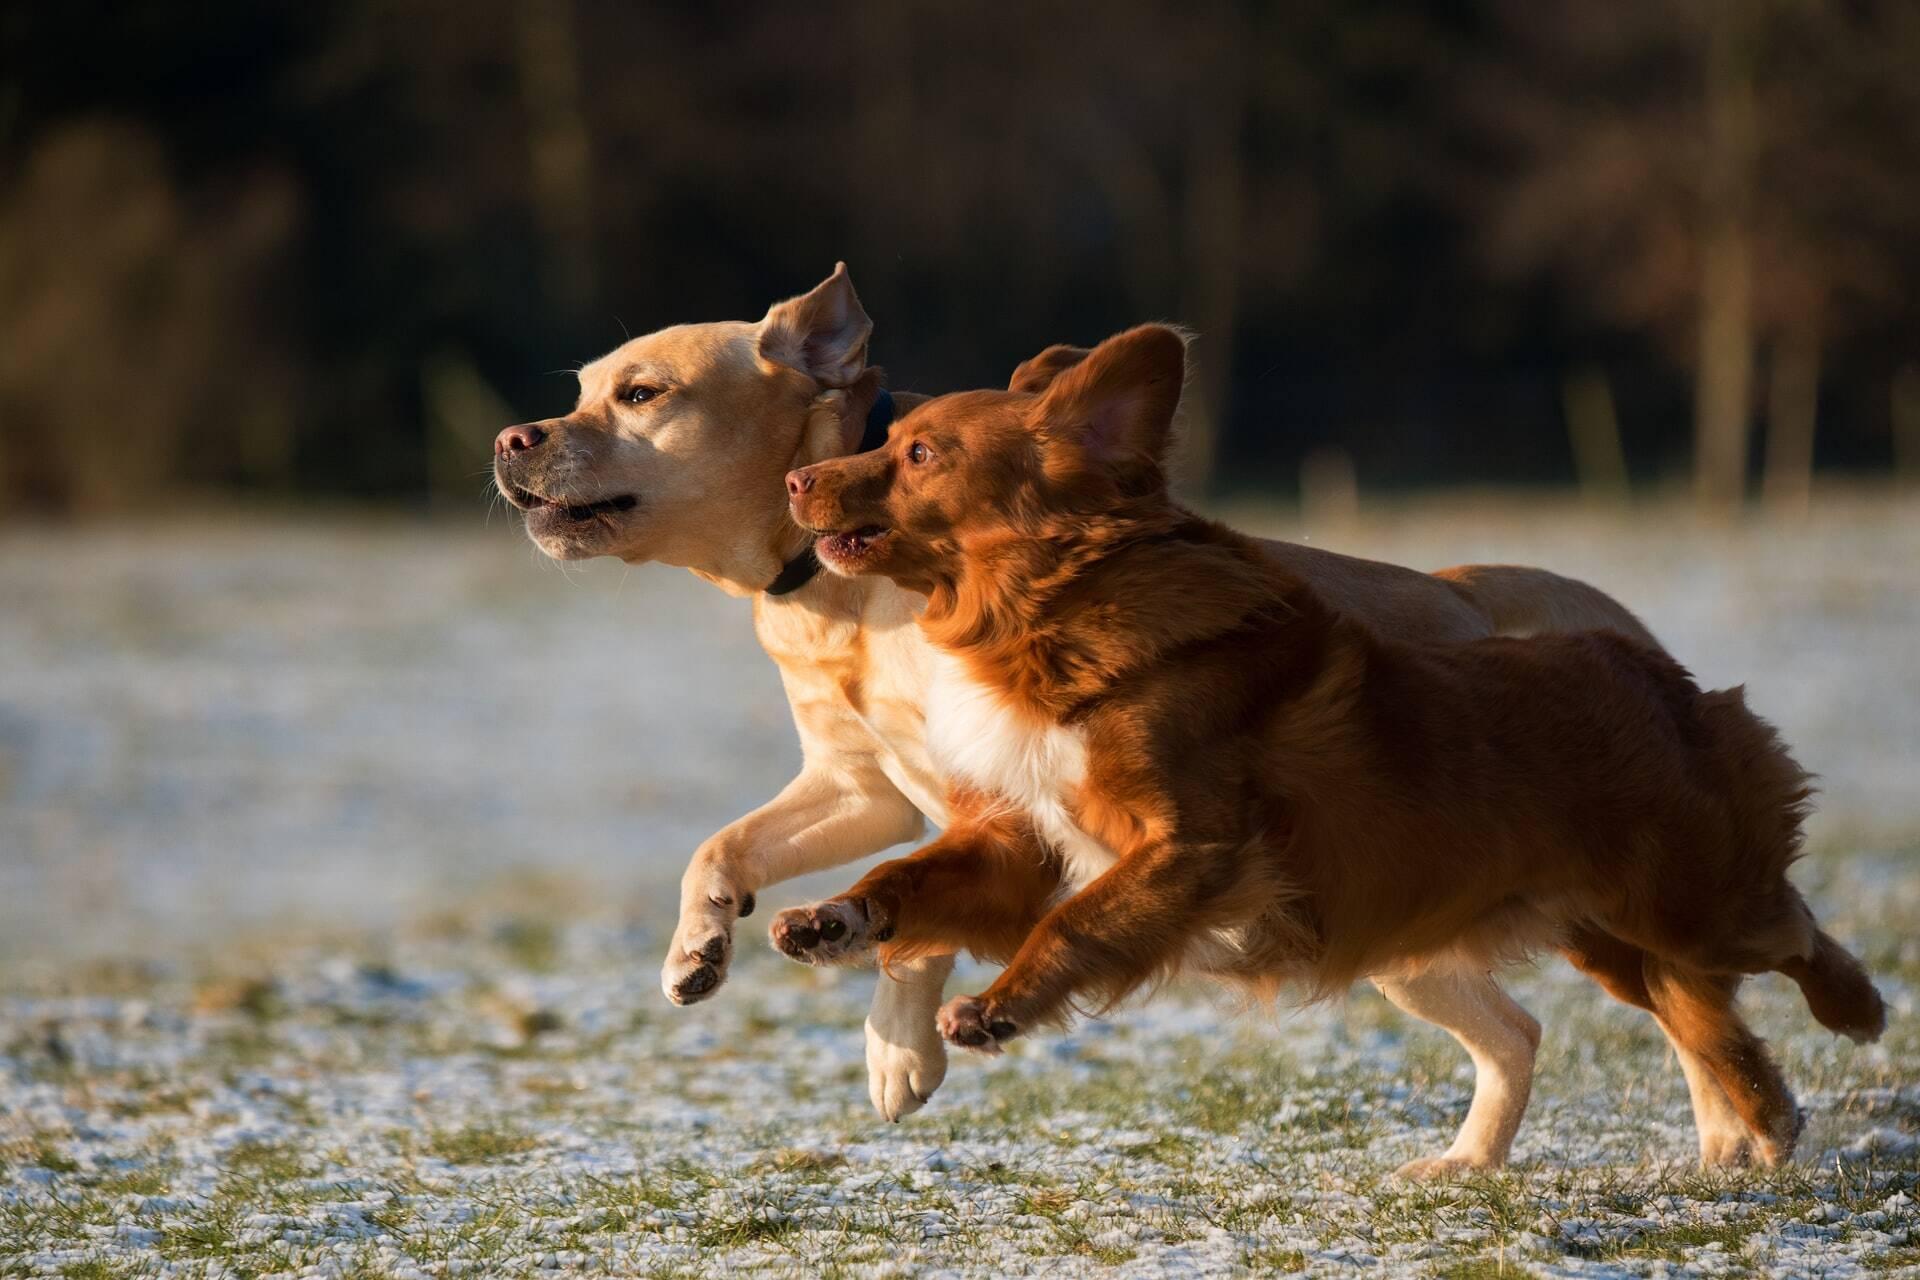 Estudo: seu cão tem uma vida social muito melhor que a sua